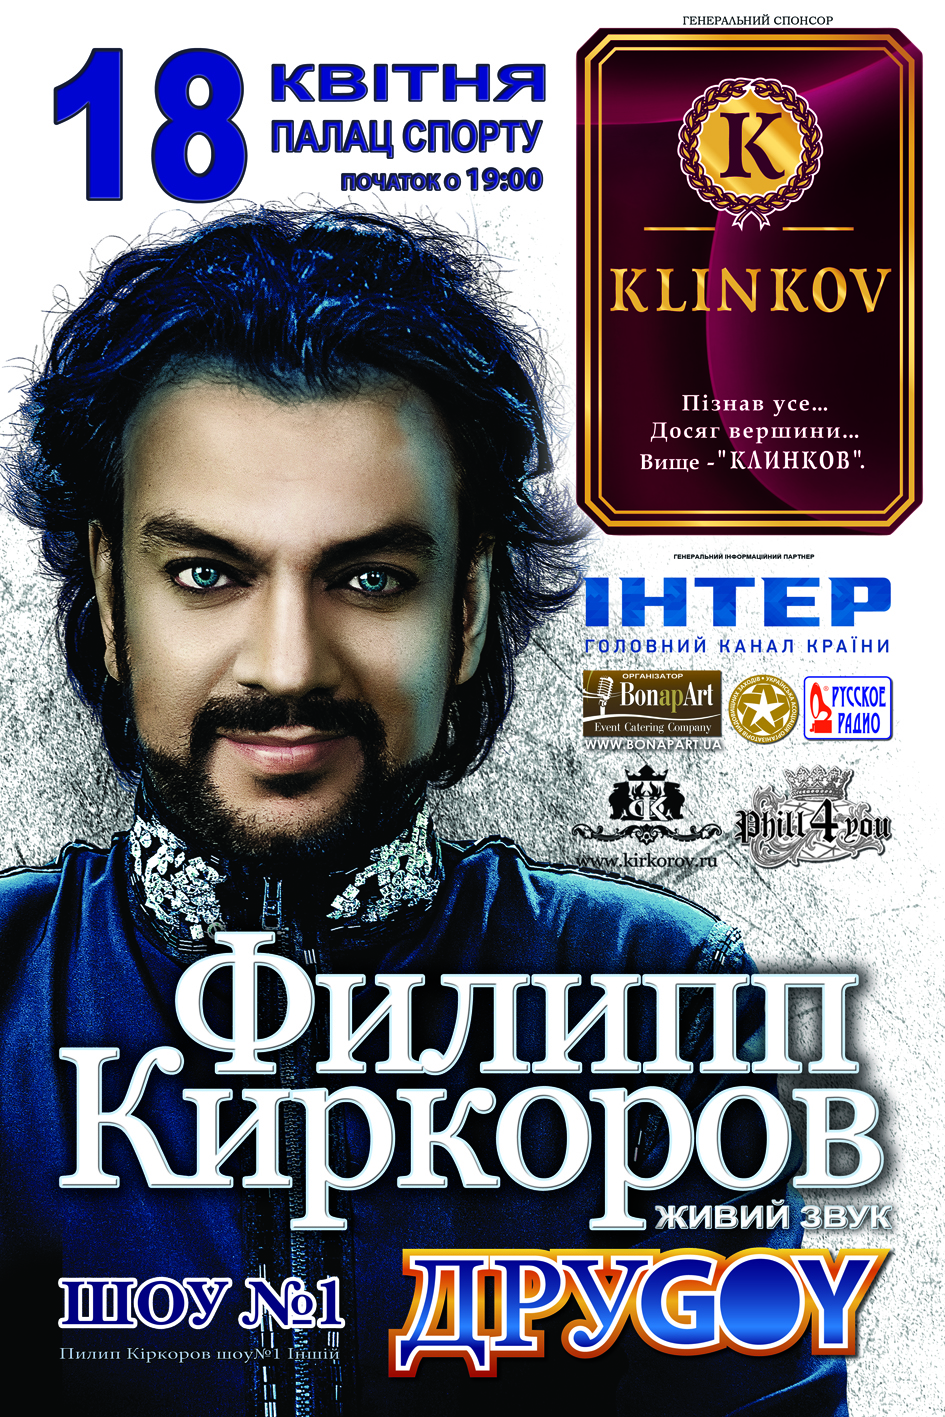 Концерты филиппа киркорова купить билеты вакансии контролера билетов в театры москвы